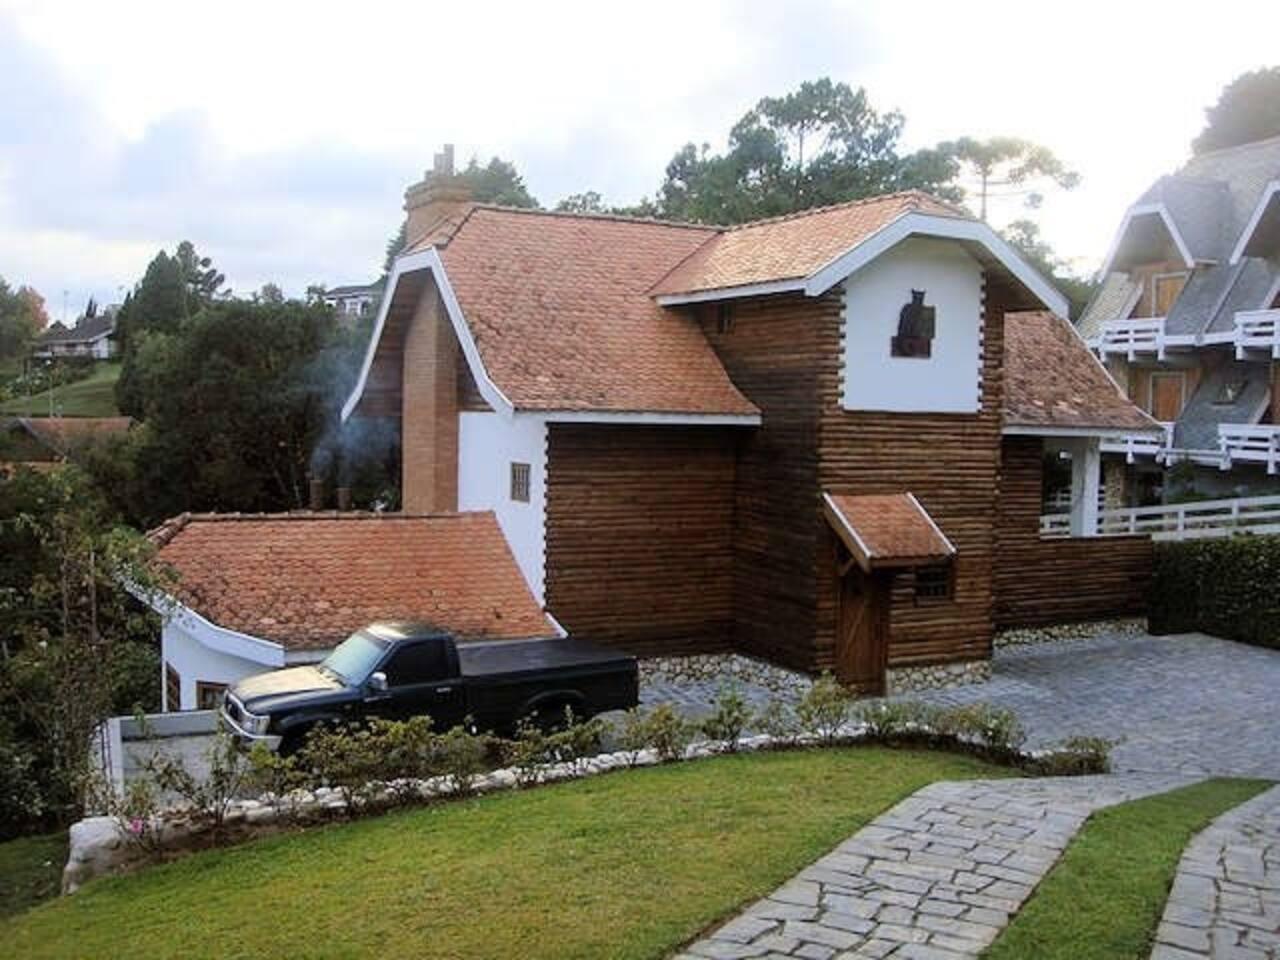 Vista de frente + Estacionamento